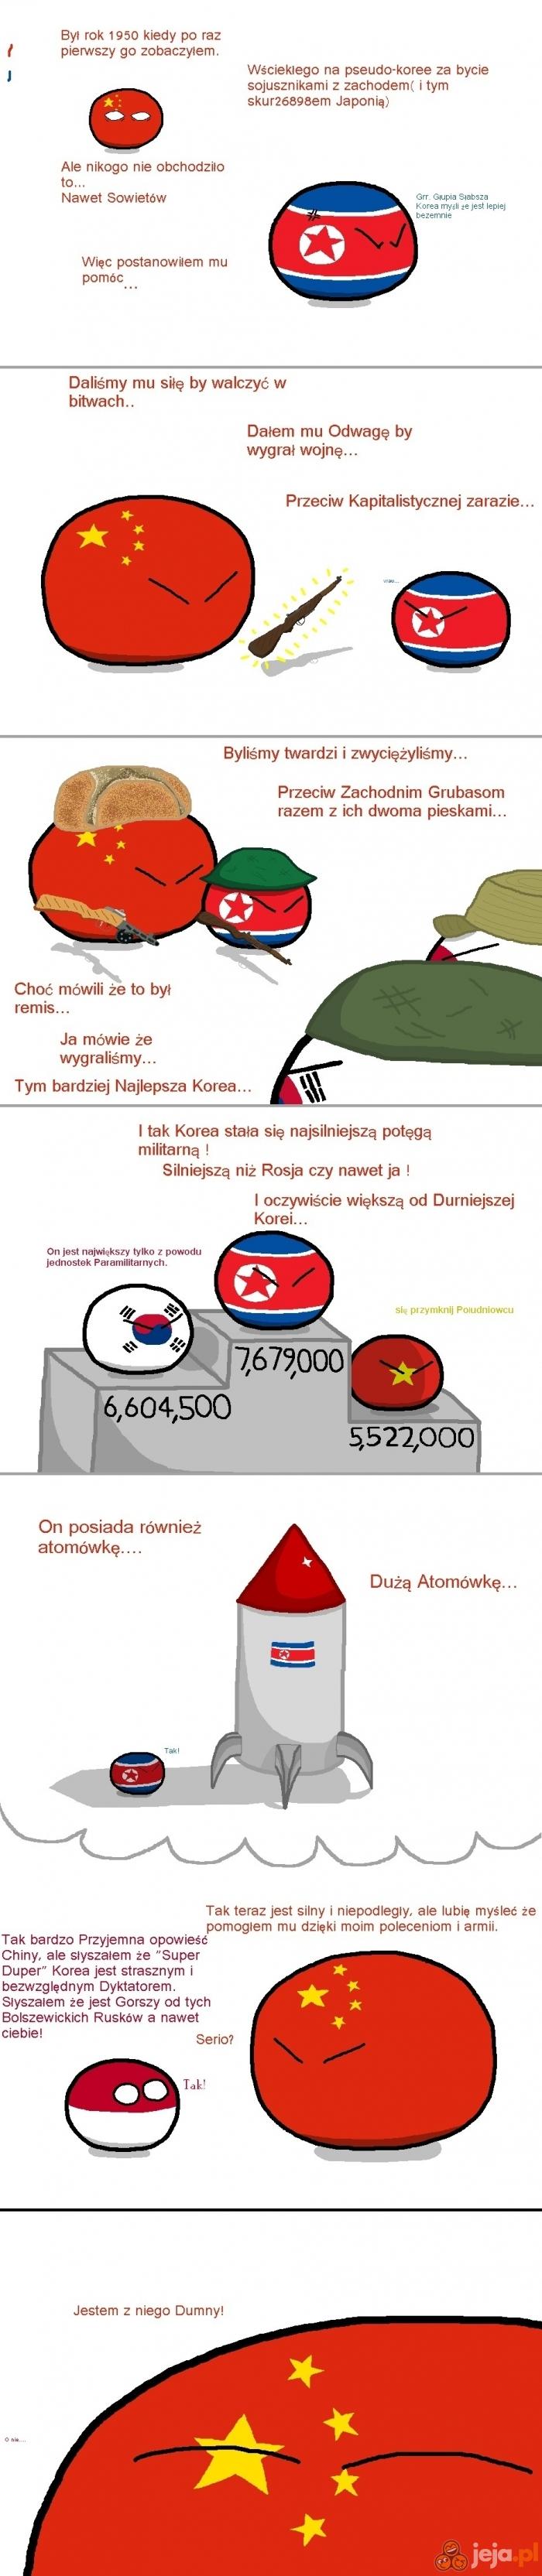 Przyjaźń i dyktatura